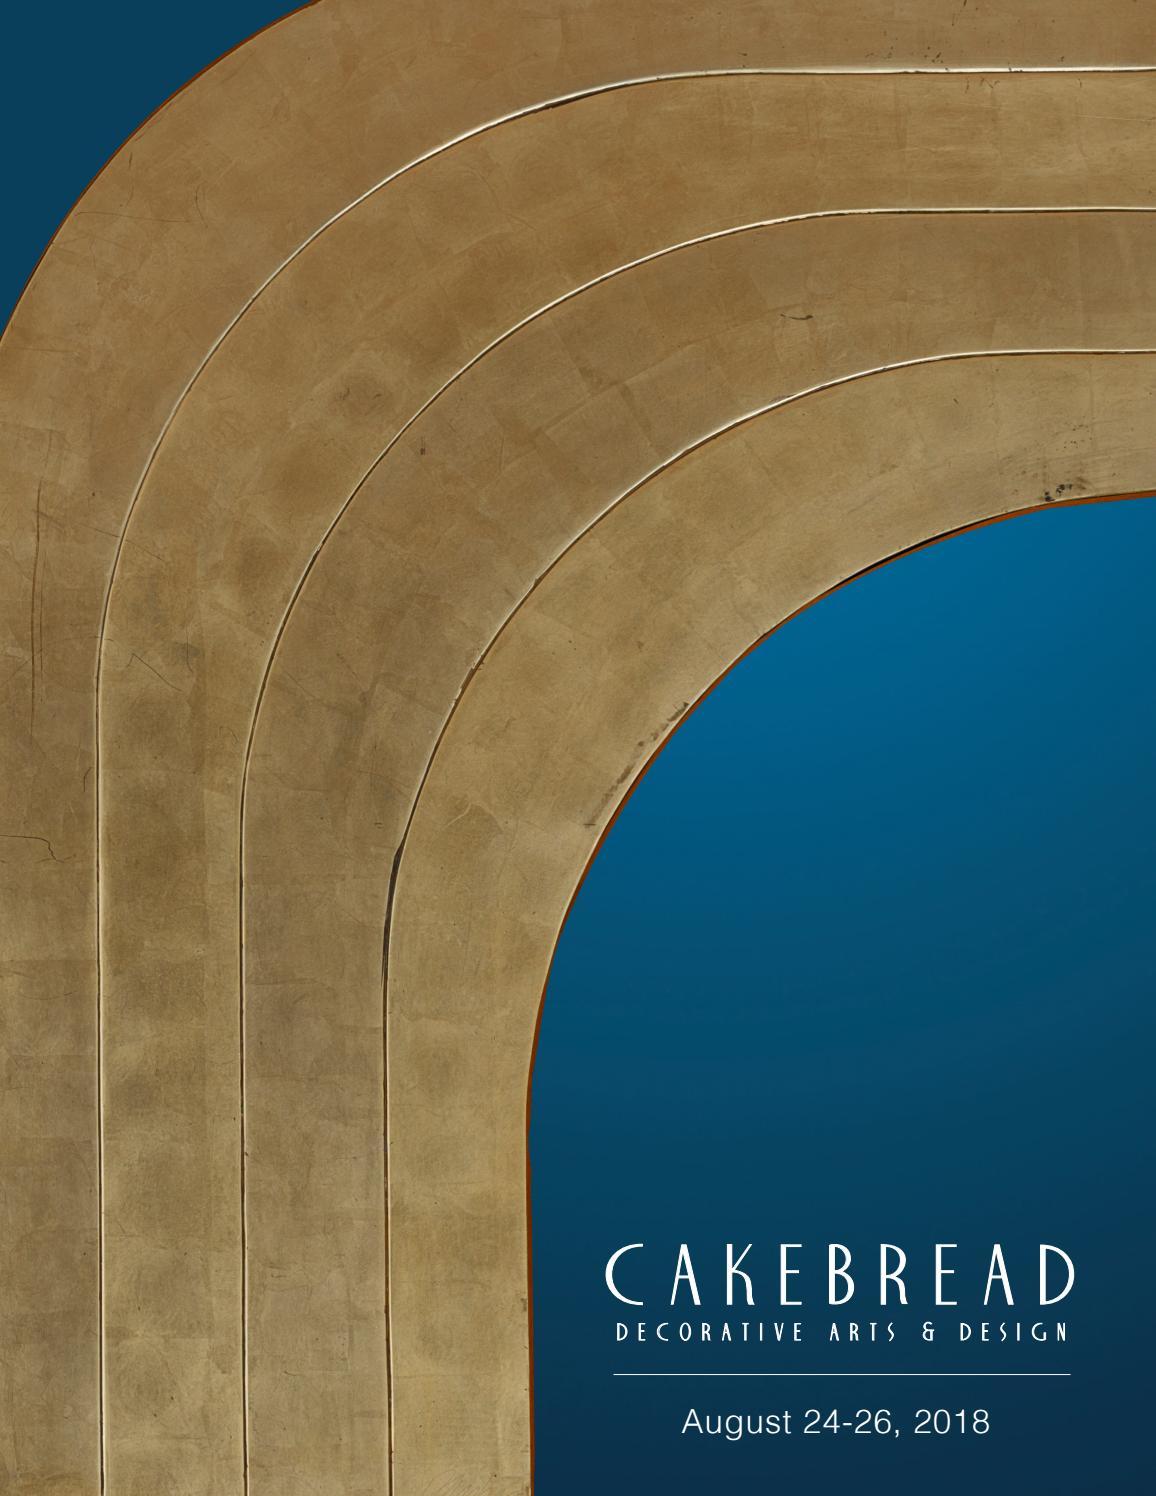 Baguette En Bois Decorative august 24-26 cakebread decorative arts & designnew